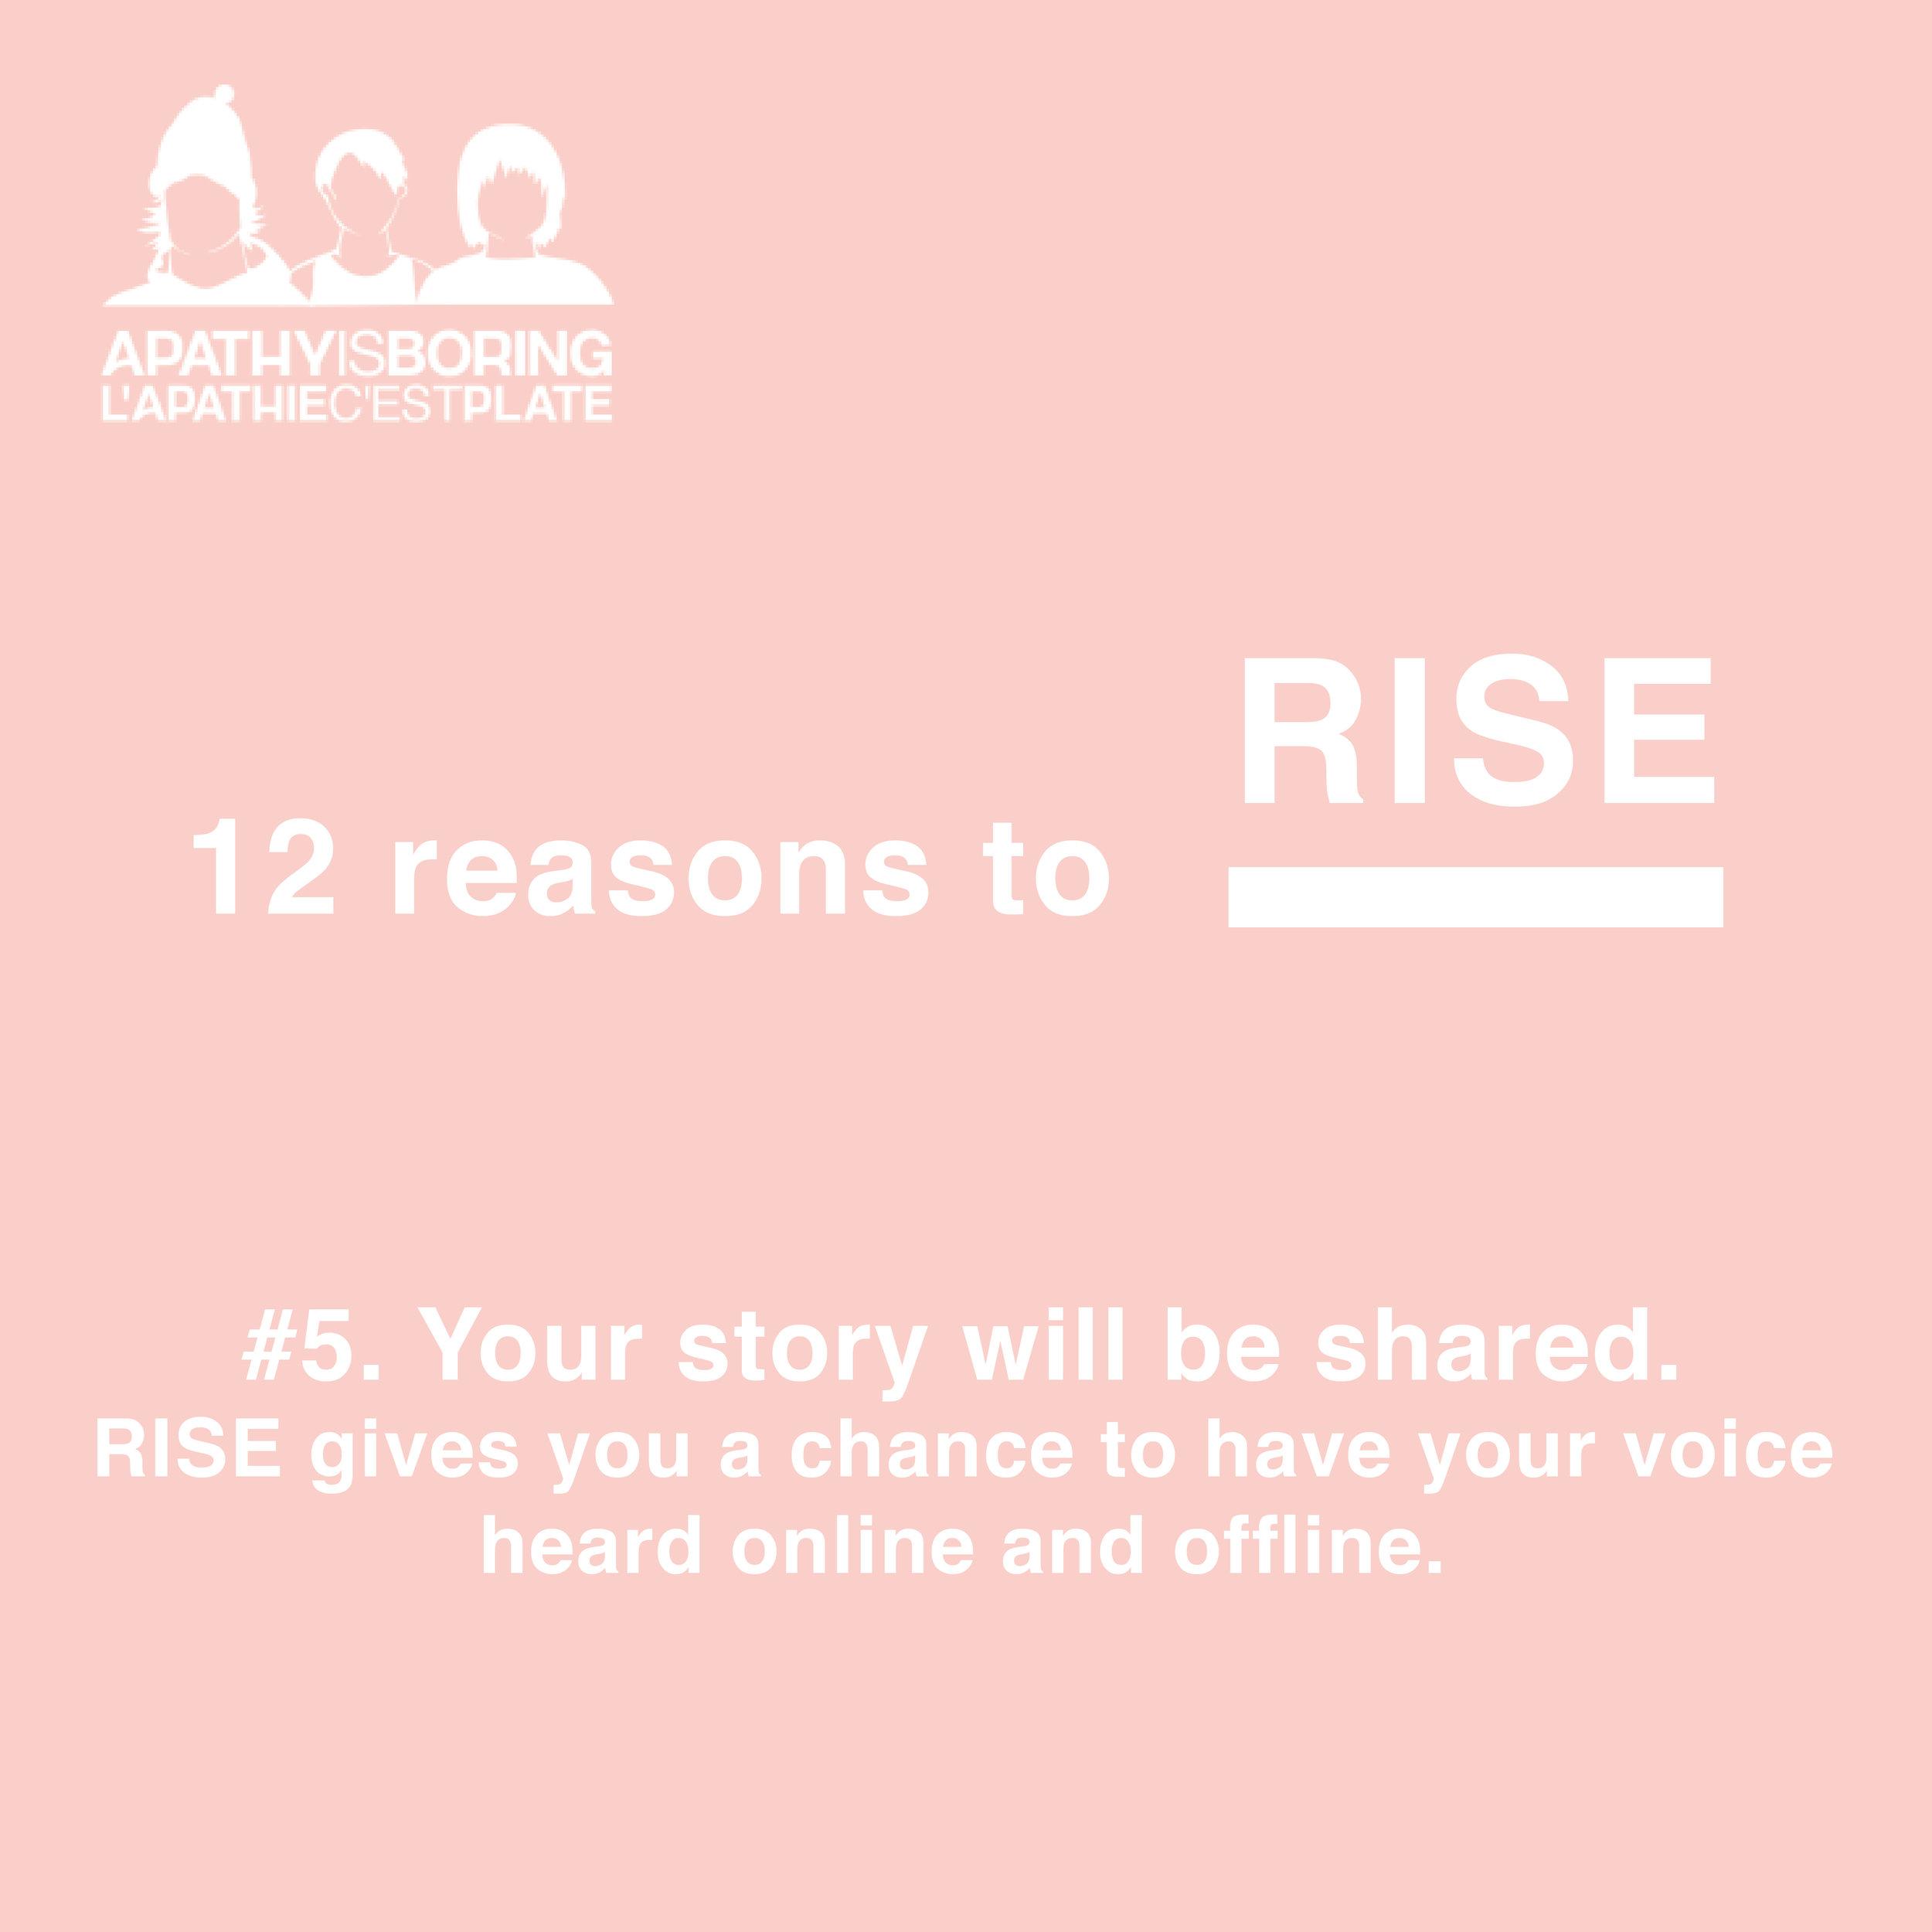 aisbRISE reason 5.jpg